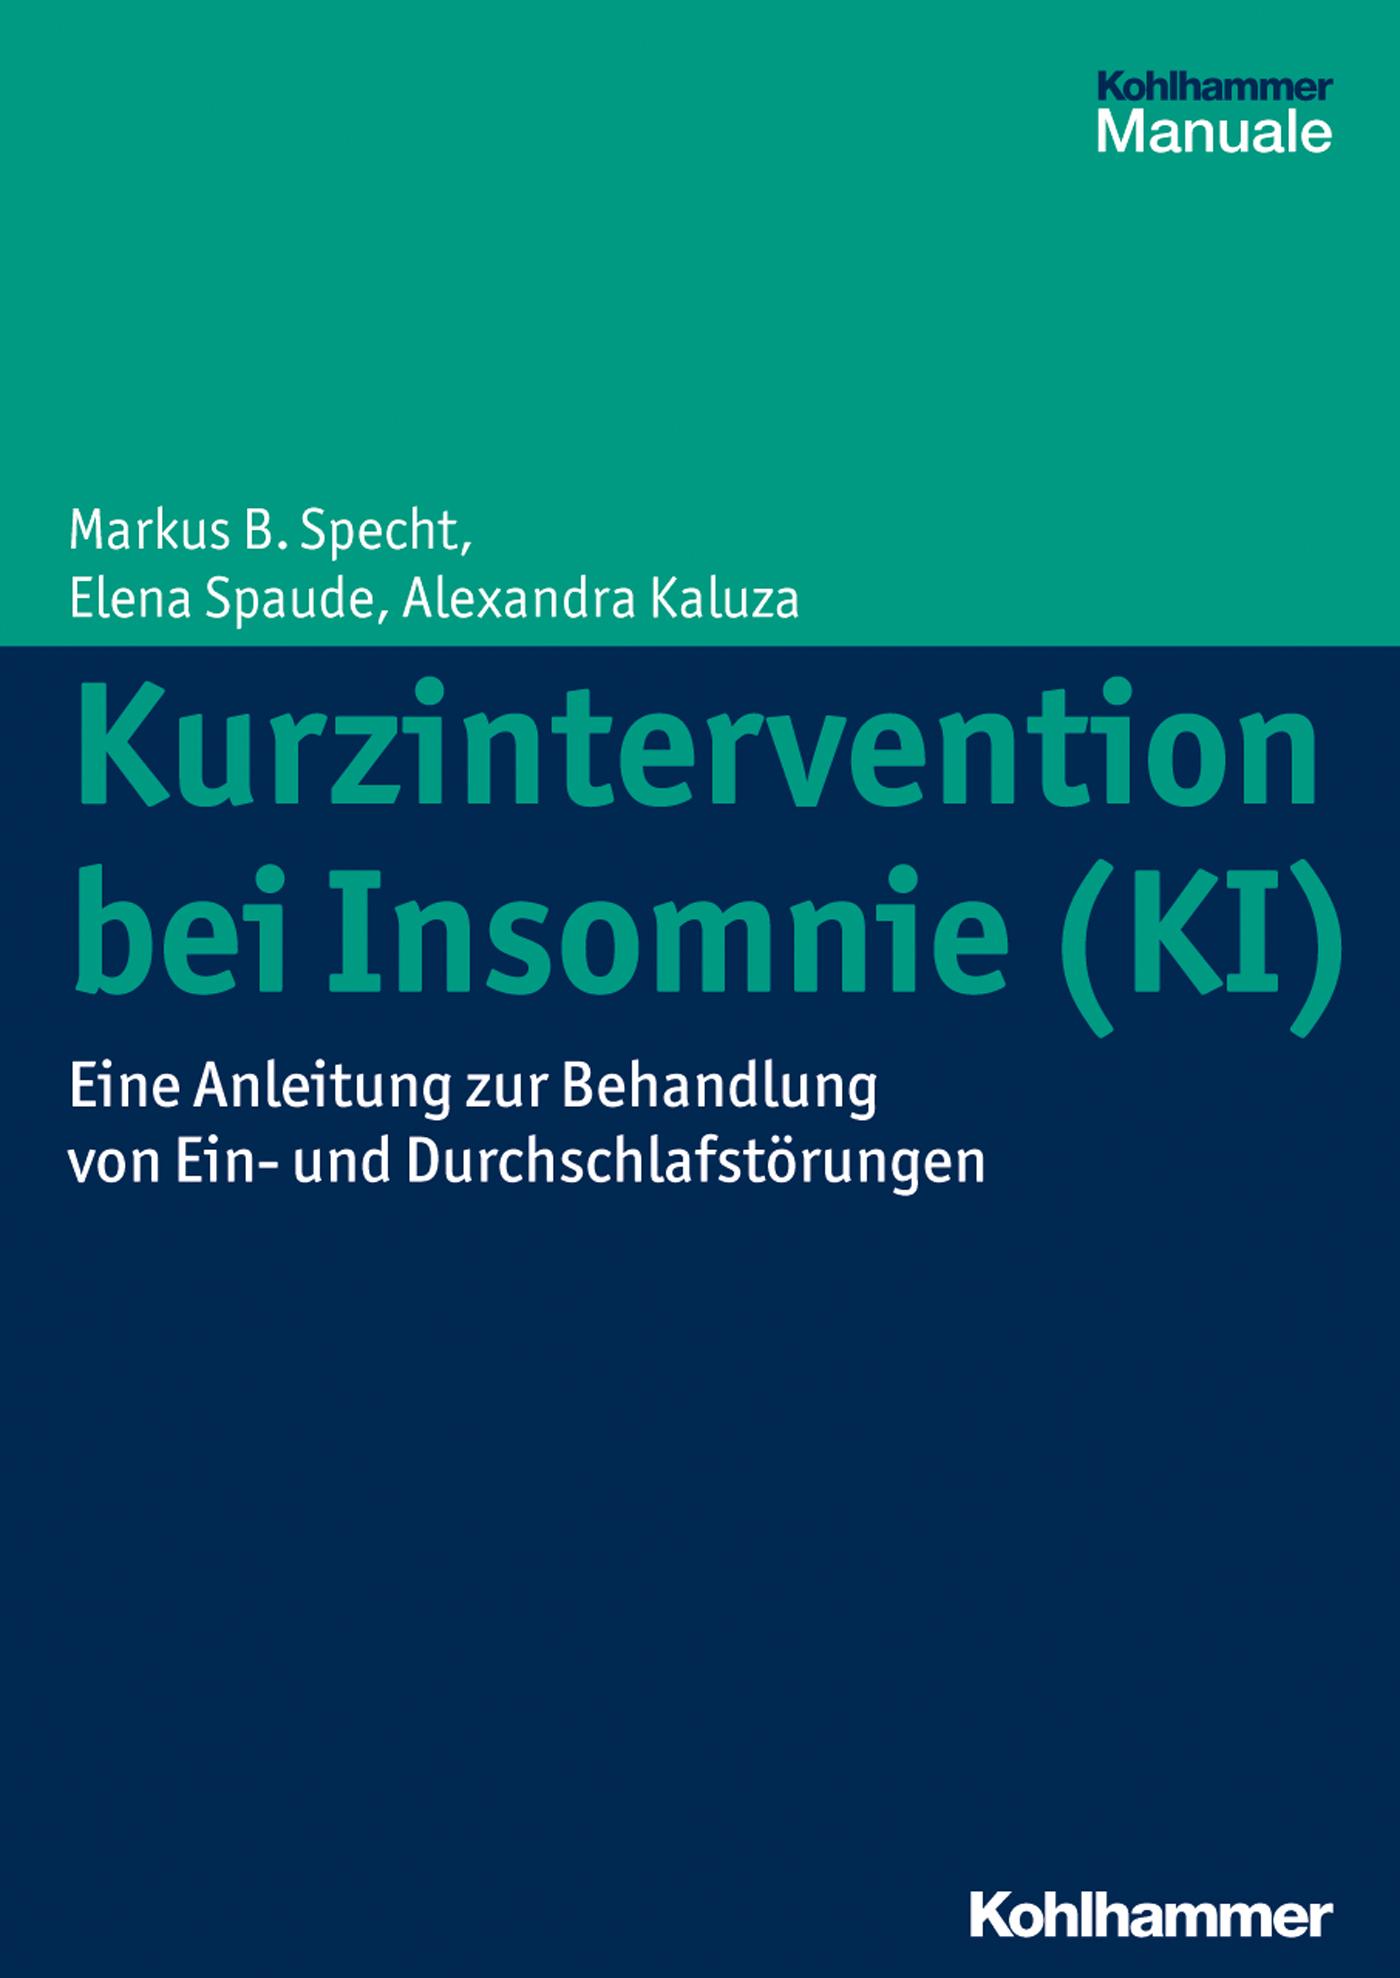 цены Markus B. Specht Kurzintervention bei Insomnie (KI)